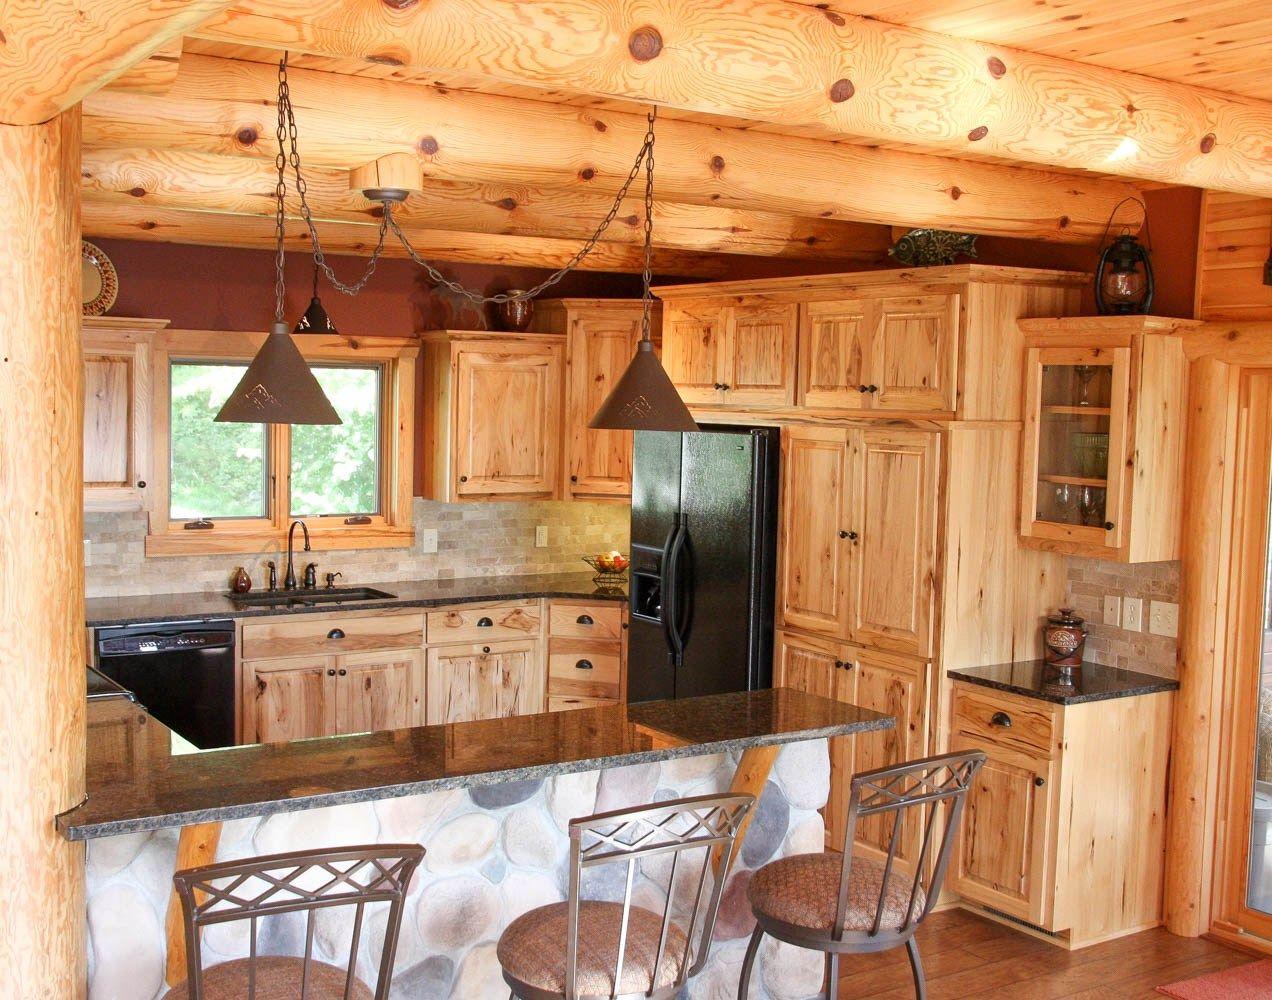 14 Log Cabin Kitchen Backsplash Ideas Images in 2020   Log ...